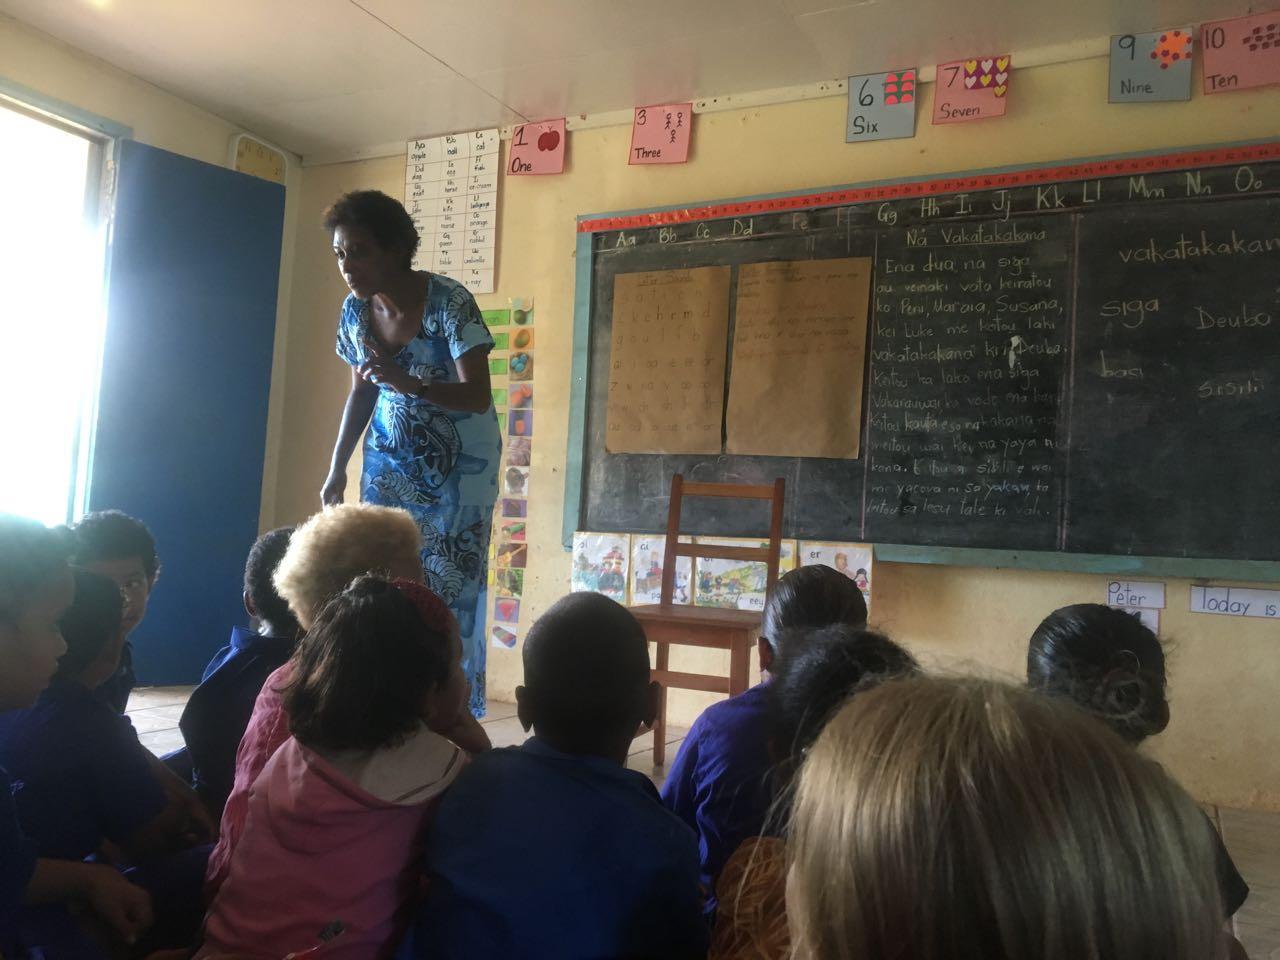 Wir sitzen auf Komo im unterricht von Asi, einer der Lehrerinnen